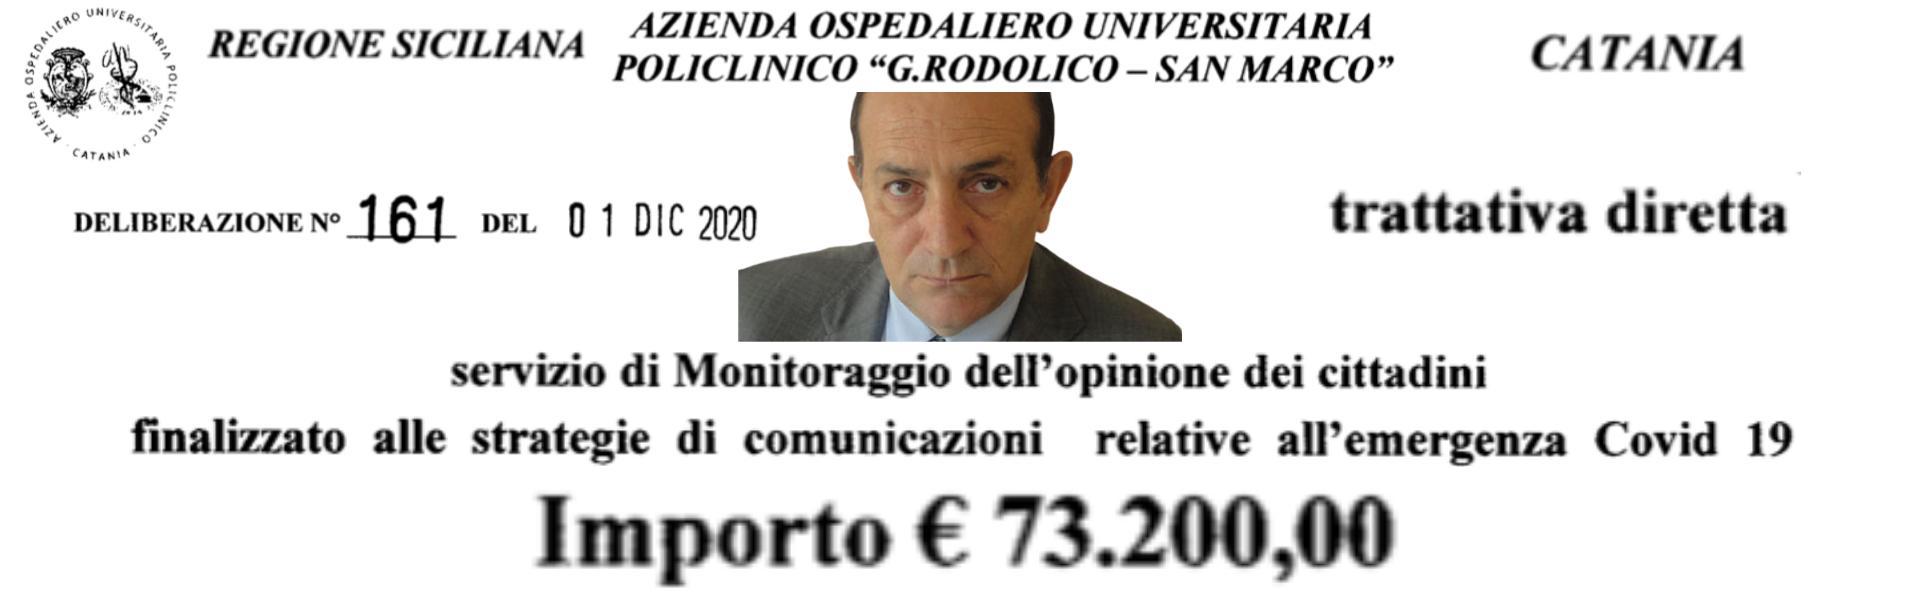 """""""Università Bandita"""" e le 24 parti offese che non si costituiscono"""